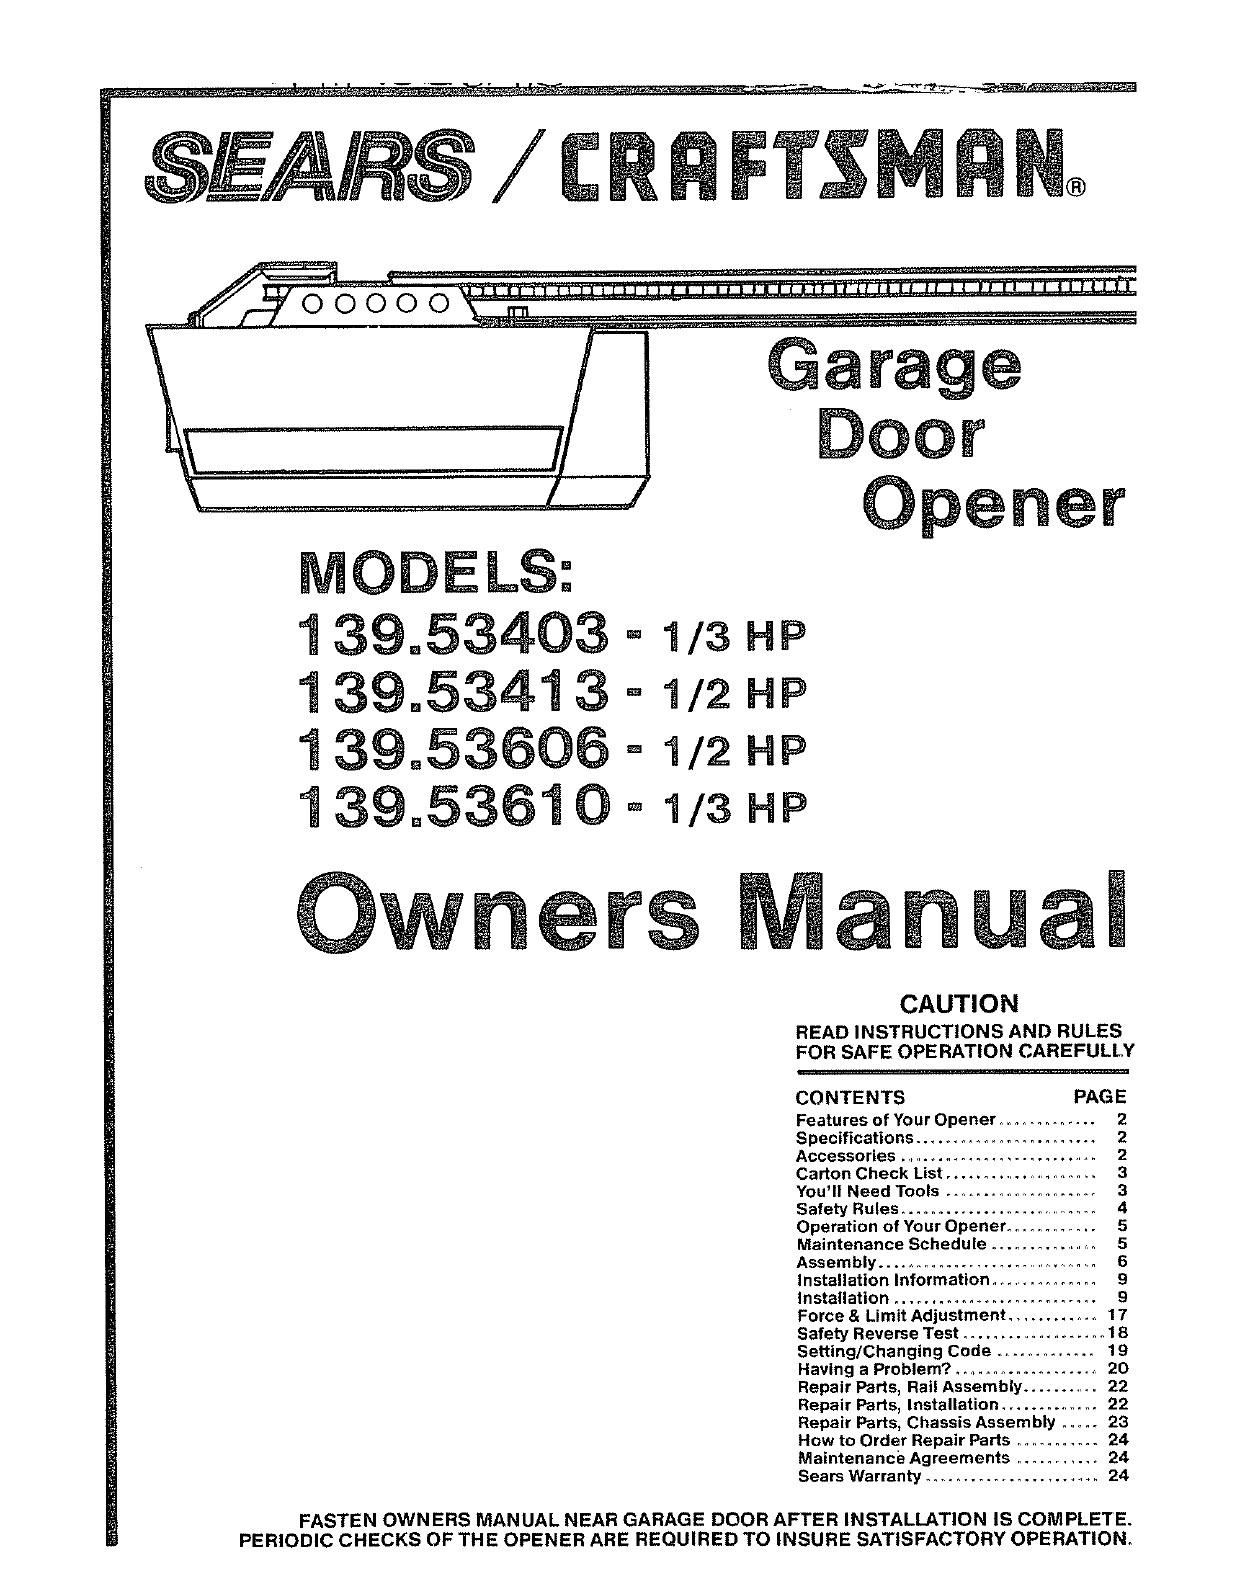 Garage Door Opener Parts Diagram Craftsman Garage Door Opener 139 User Guide Of Garage Door Opener Parts Diagram